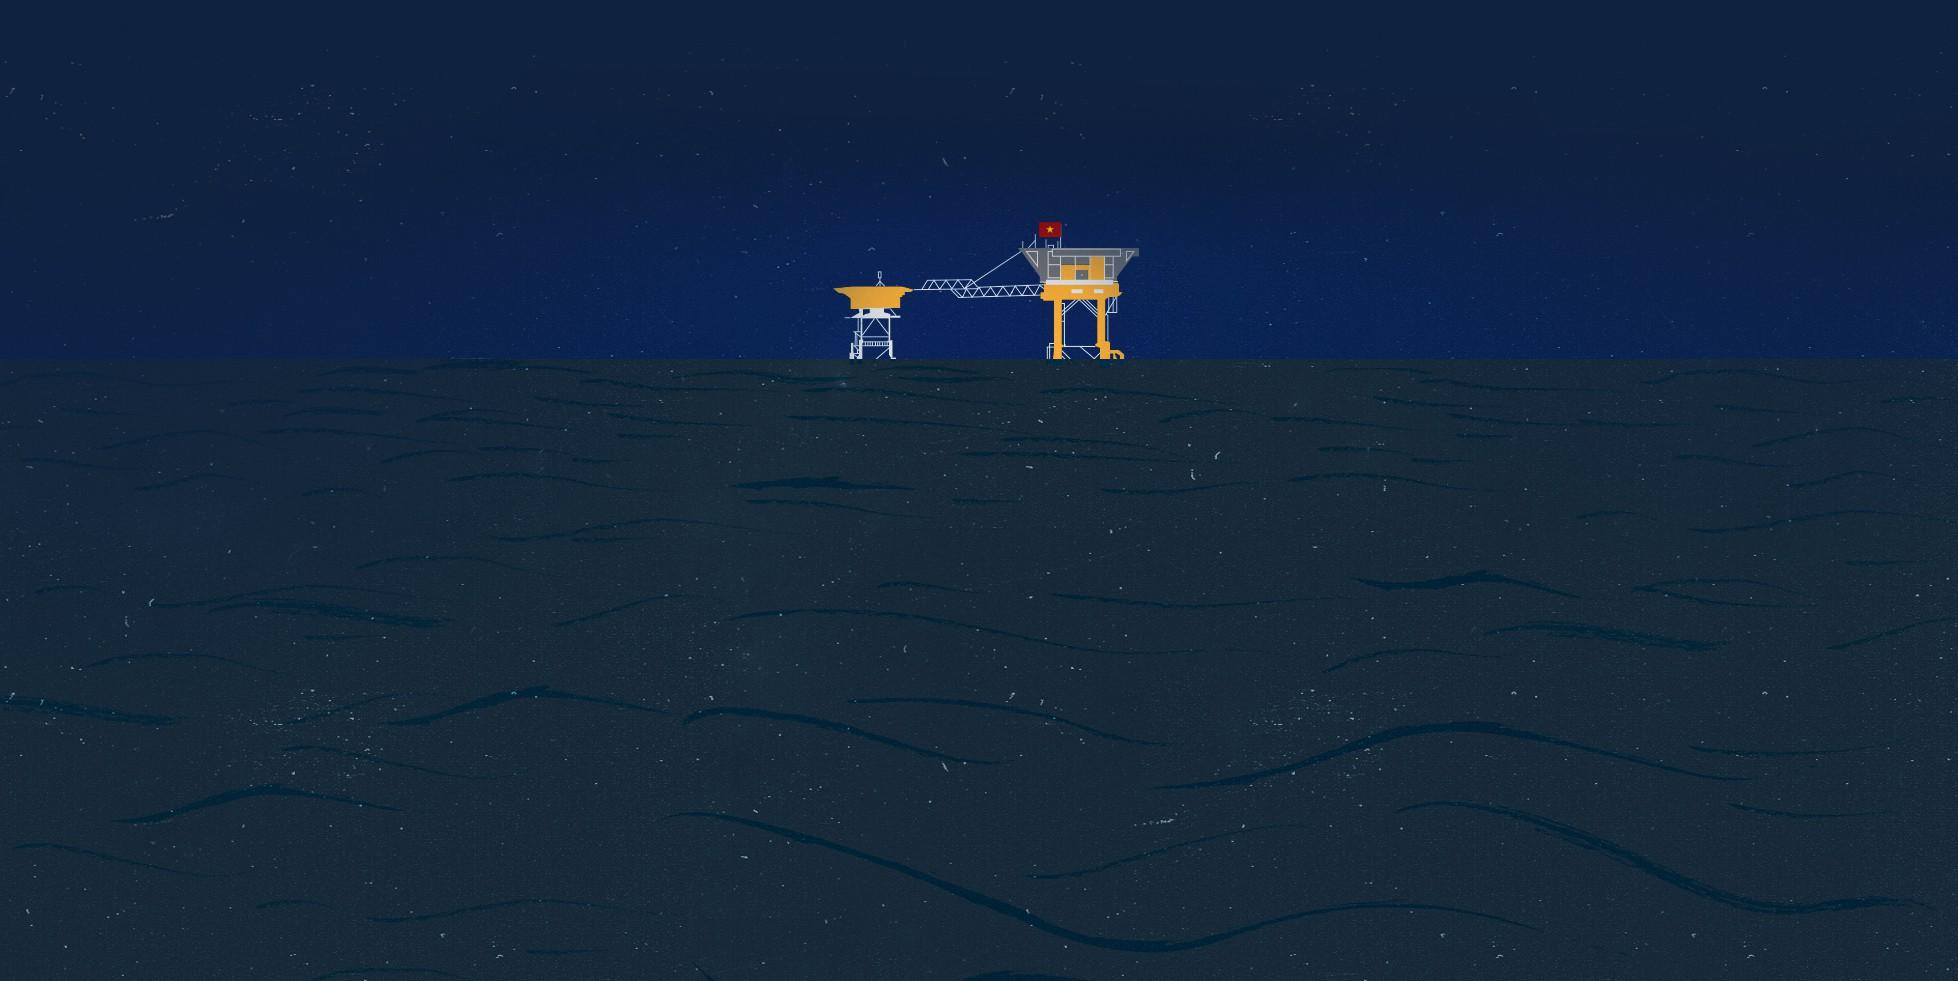 Xâm phạm vùng biển Việt Nam, Trung Quốc đang mang tư duy bành trướng lục địa ra biển - Ảnh 16.